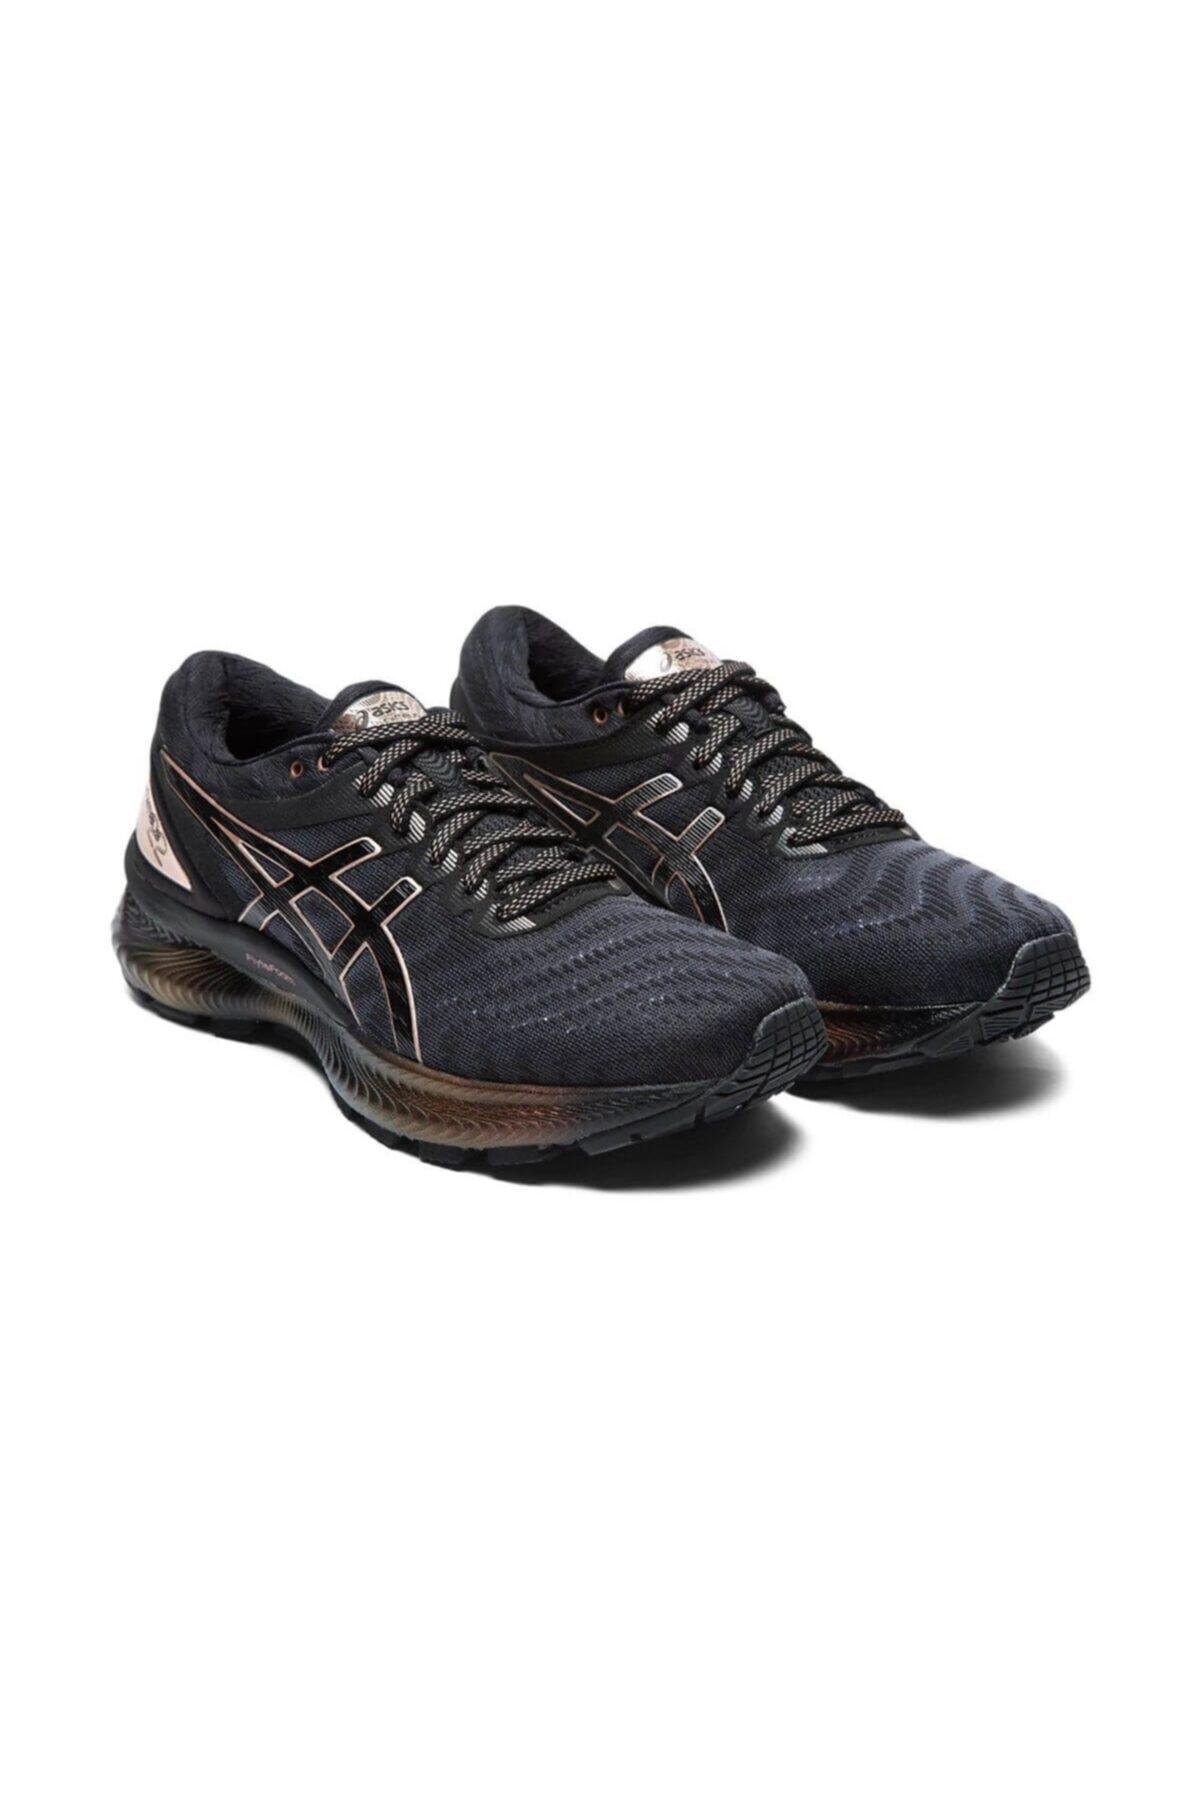 Asics Gel-nimbus 22 Platinum Kadın Koşu Ayakkabısı 2